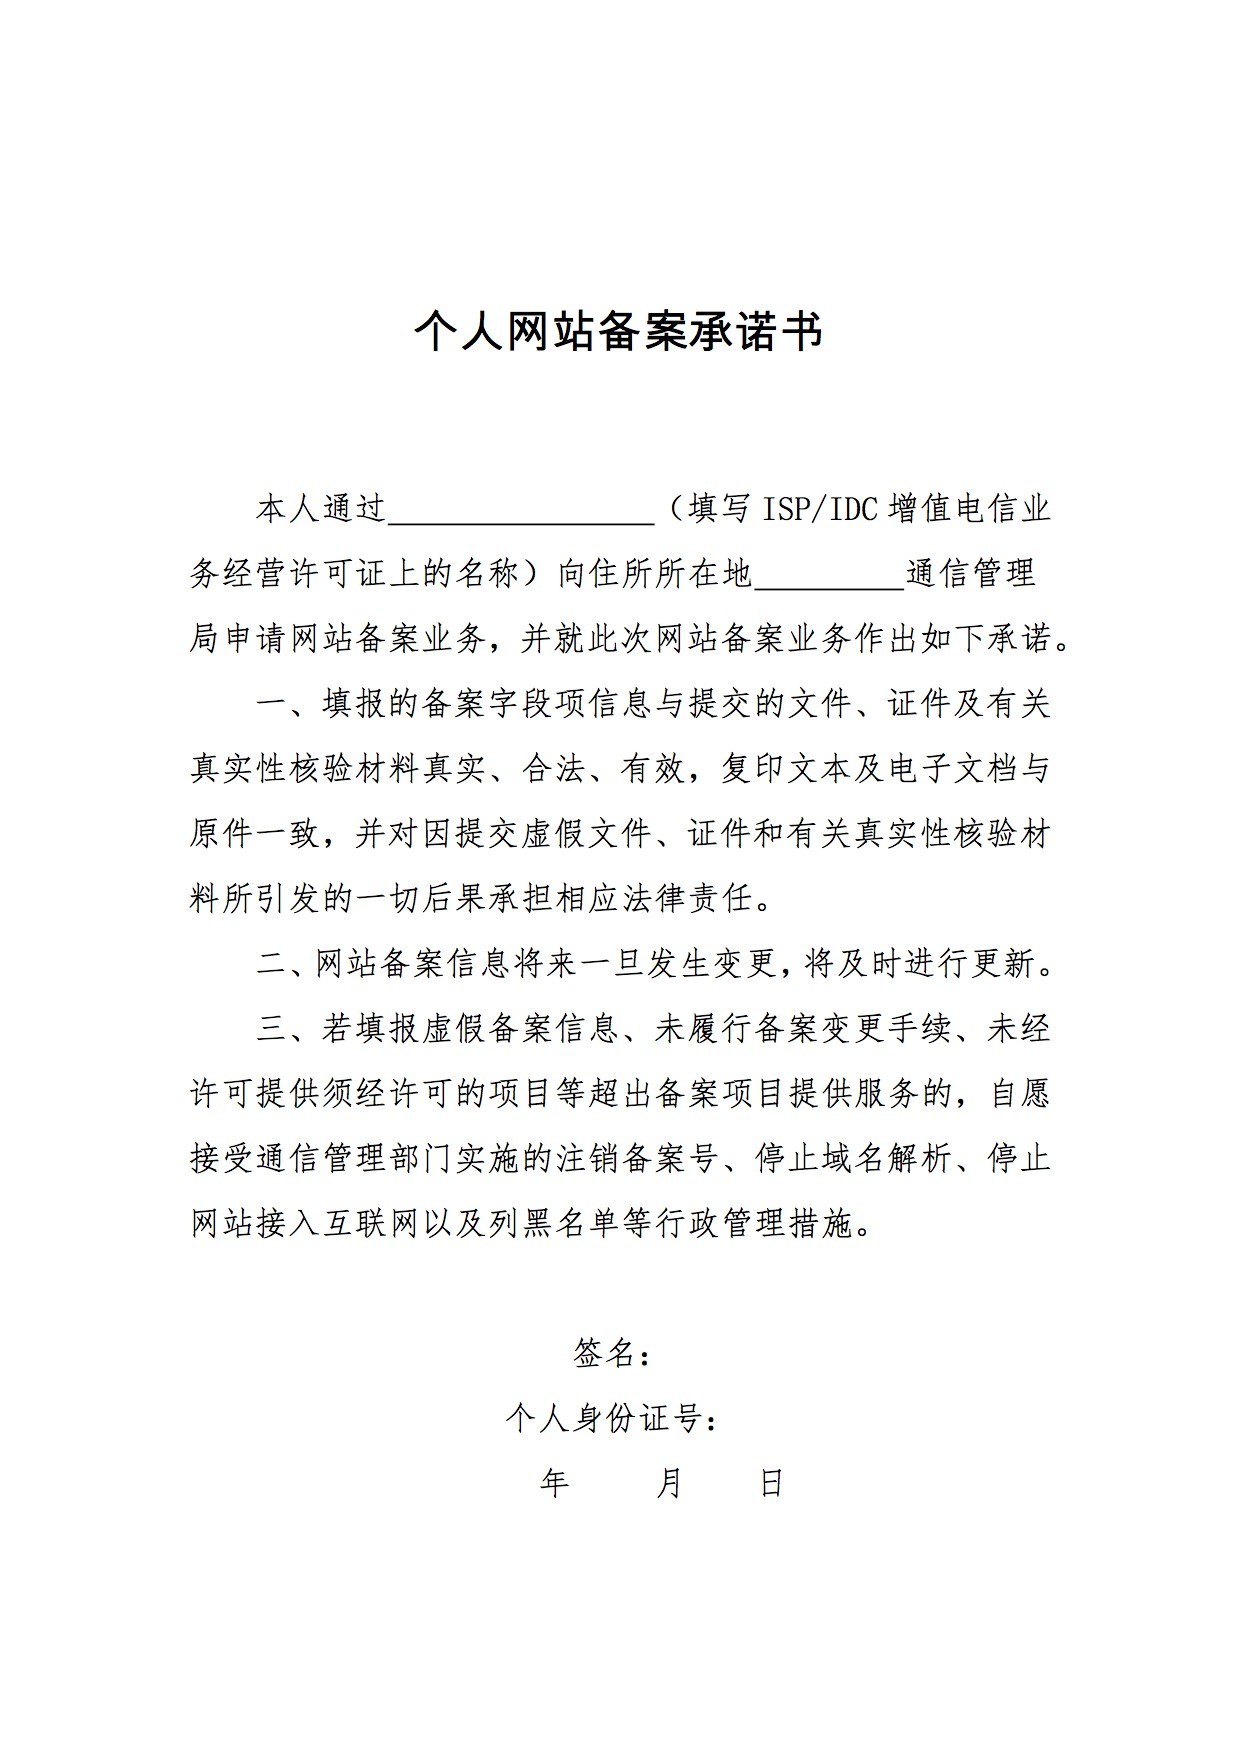 阿里云个人网站备案承诺书下载